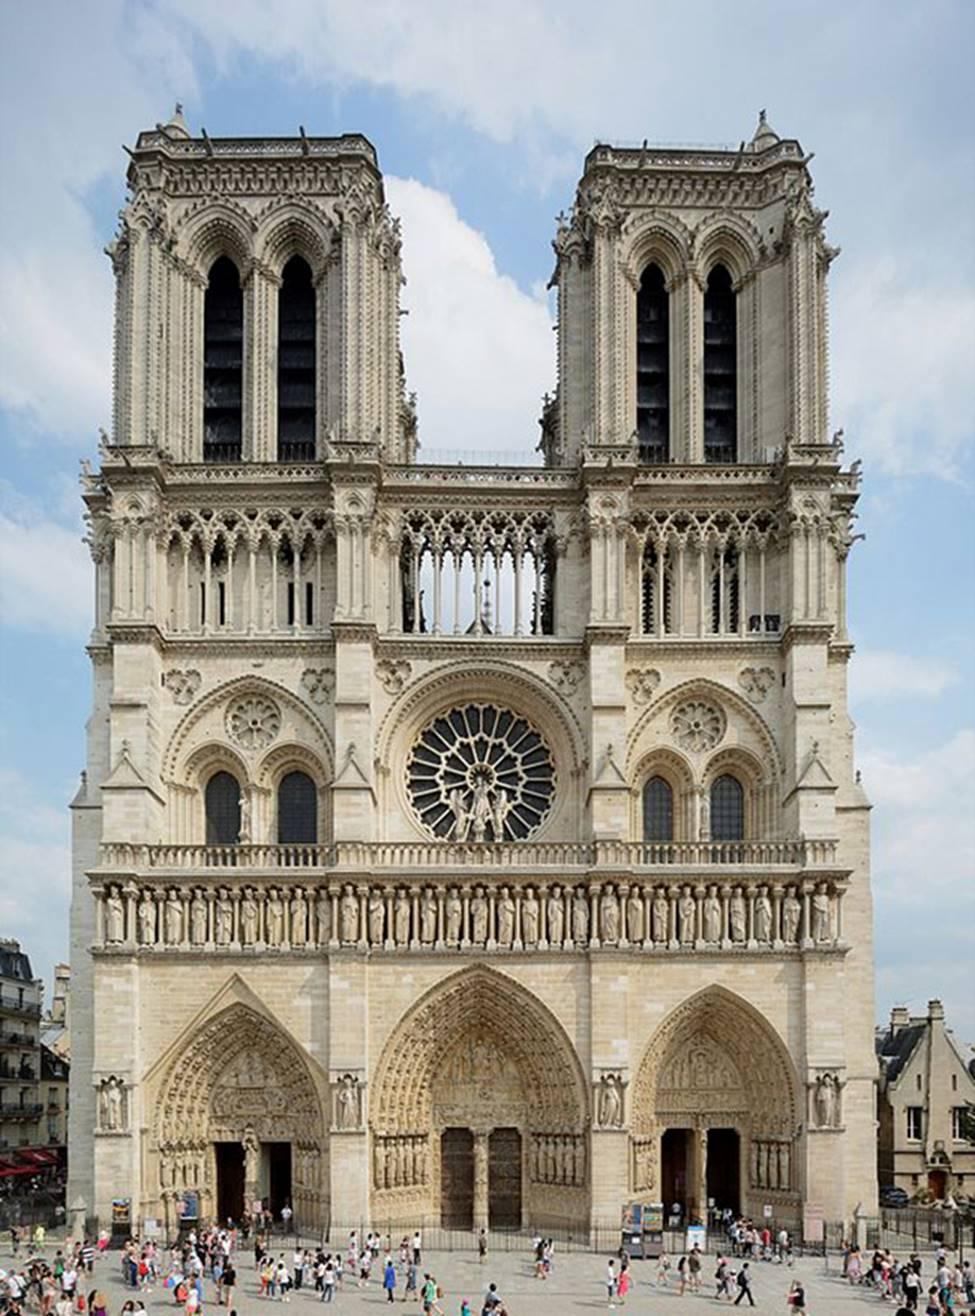 Ngắm lại Nhà thờ Đức Bà Paris, trái tim của nước Pháp trước khi chìm trong biển lửa-7